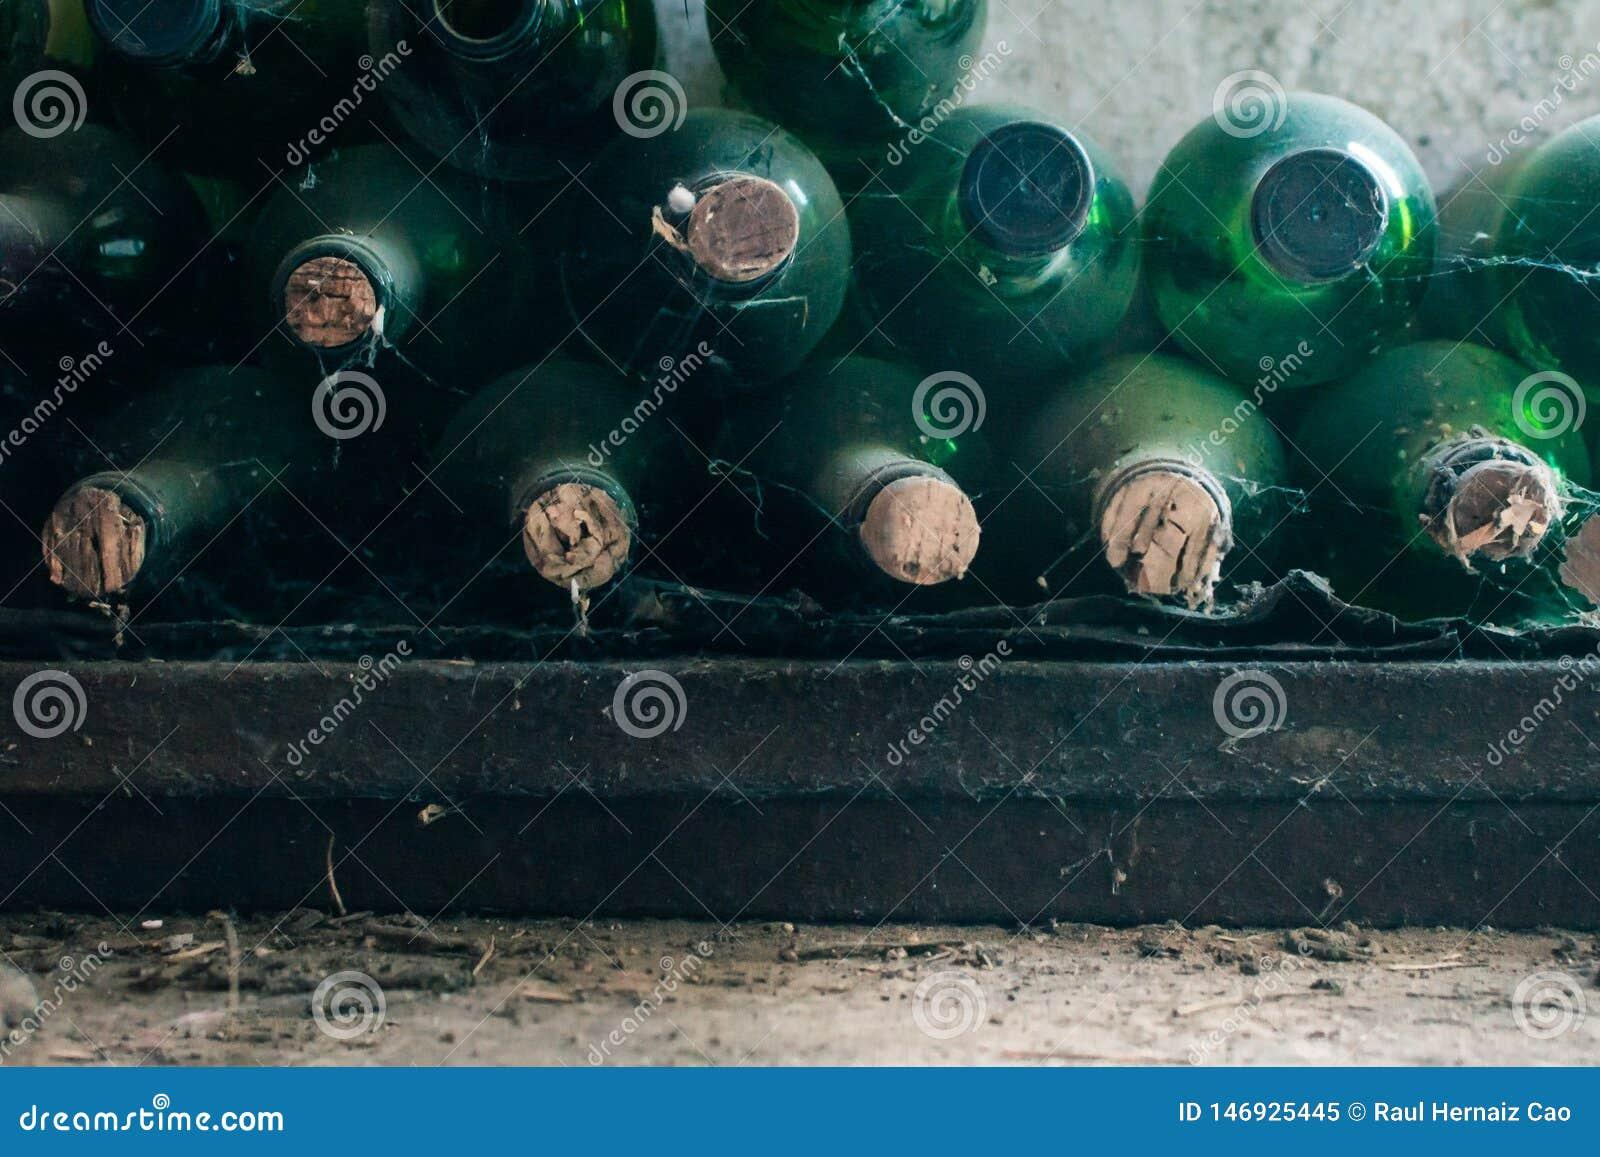 Sommige zeer oude en stoffige wijnflessen in een wijnkelder